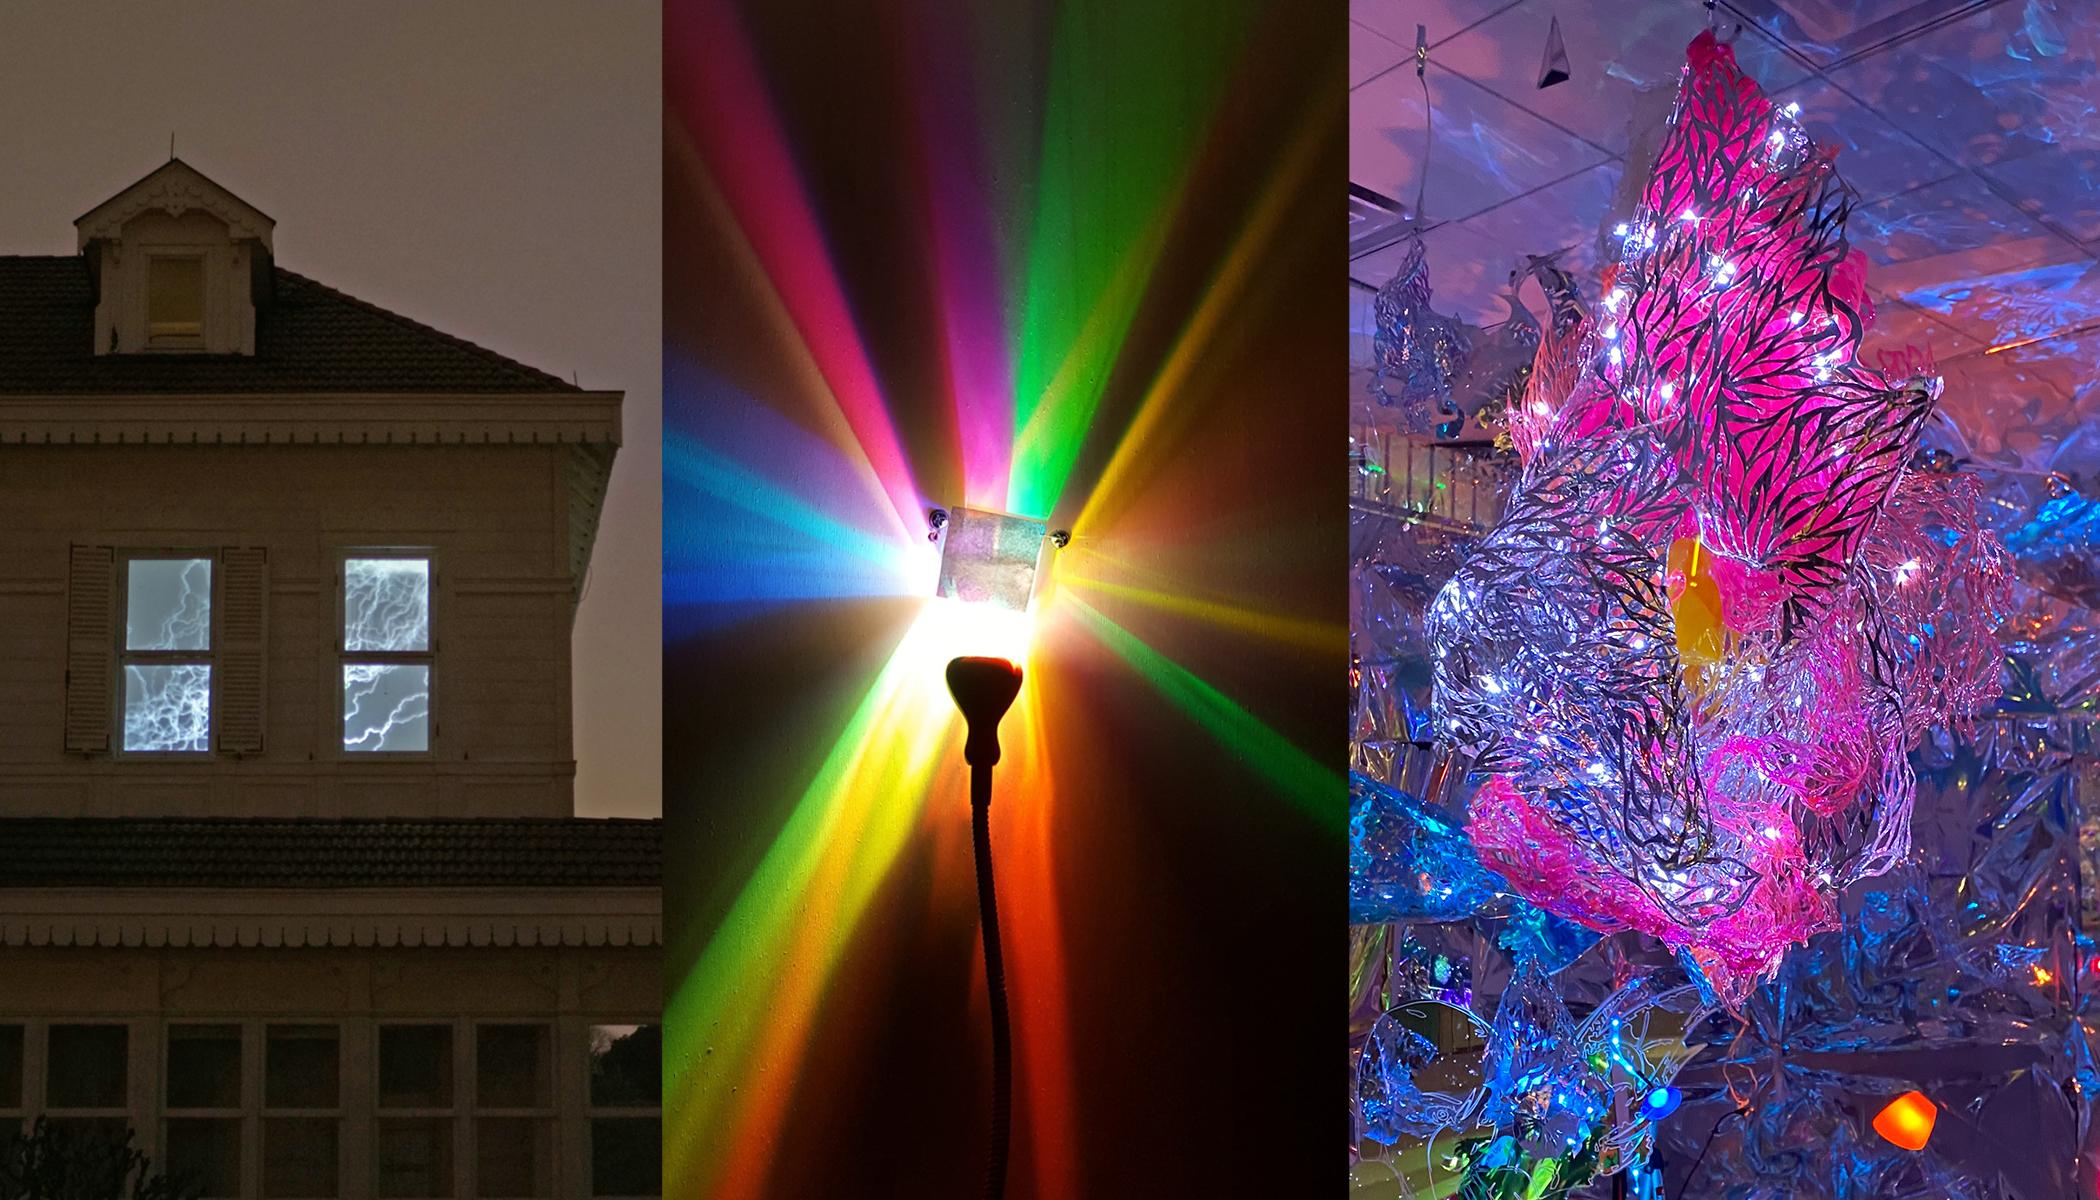 Three artists installations for LIGHT WINDOWS by Rosa Wernecke | Jürgen Eichler | Julia Sinelnikova aka ORACLE666